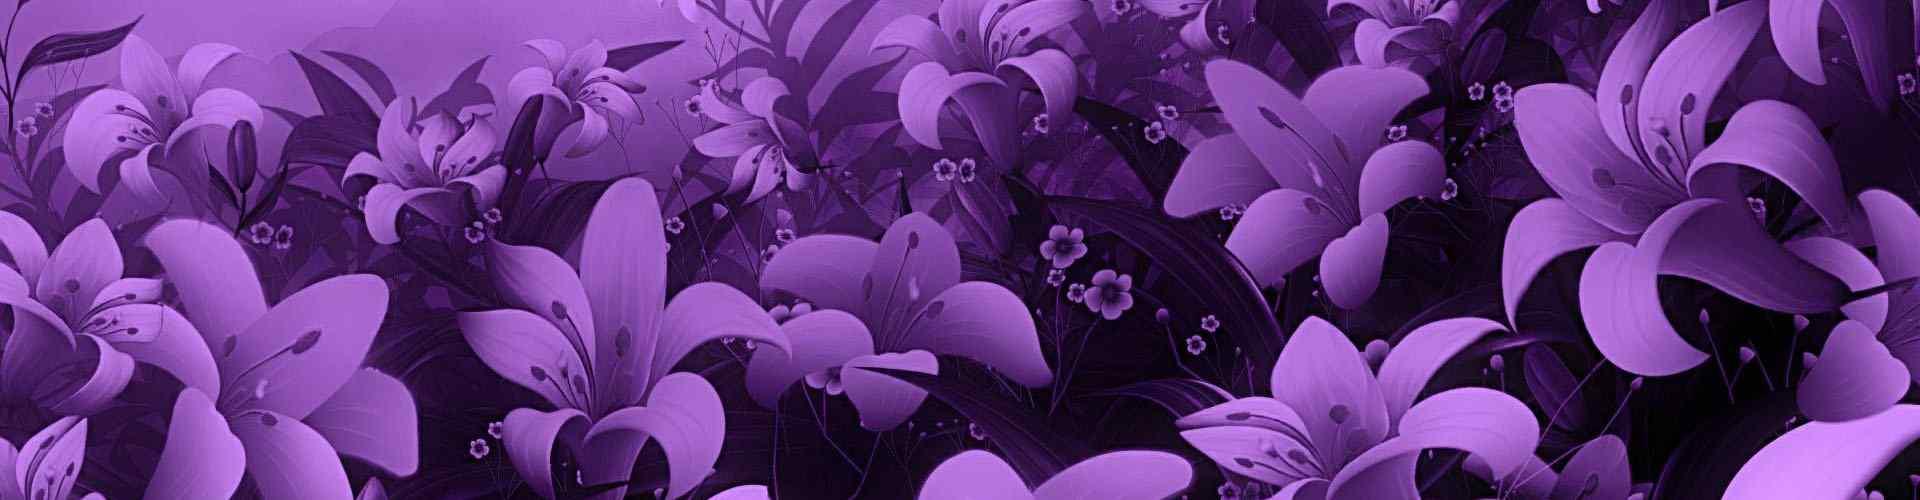 紫罗兰_紫罗兰图片_紫罗兰花图片_紫罗兰桌面壁纸、手机壁纸_美丽植物壁纸